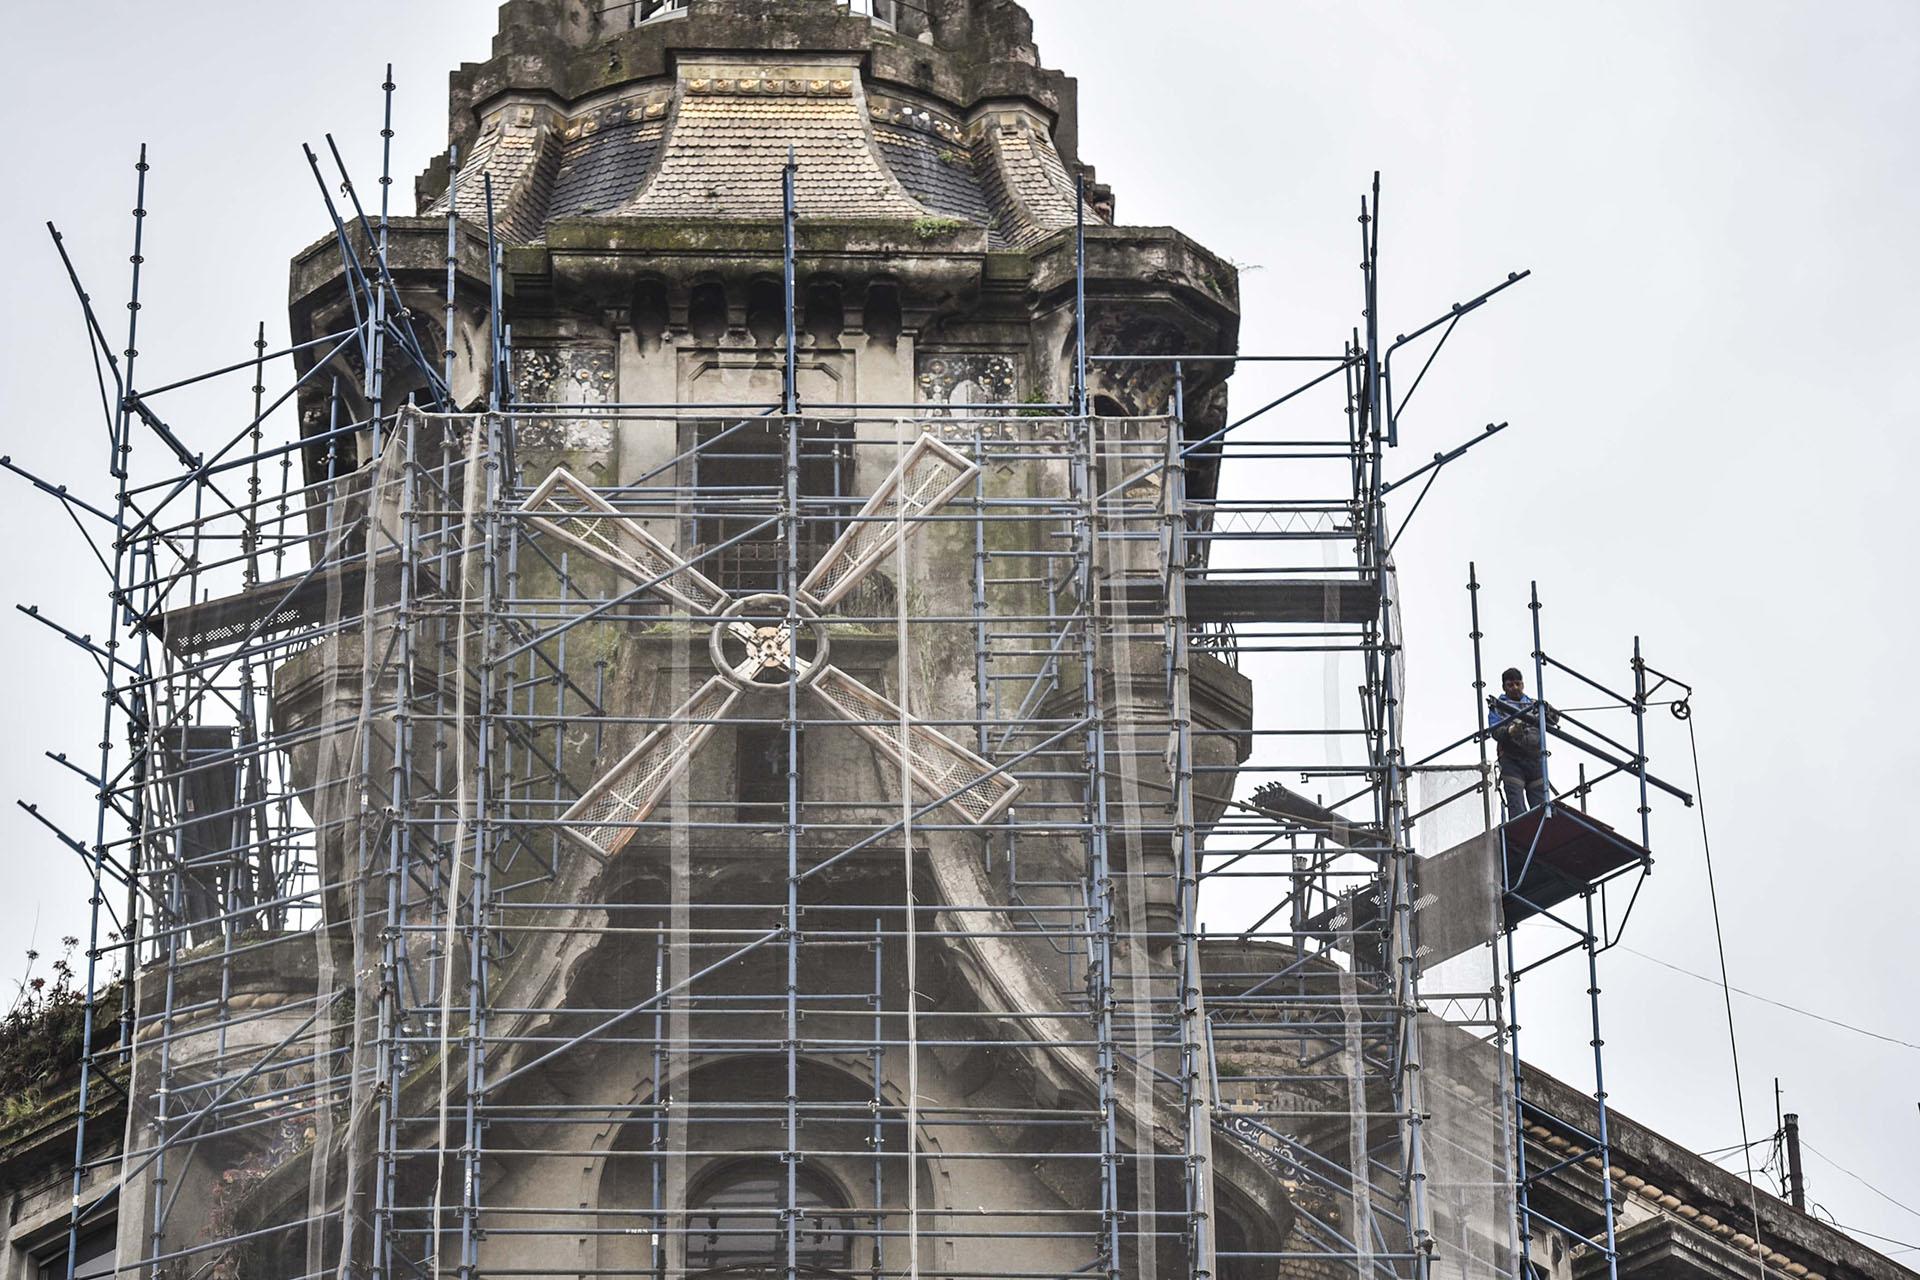 La fachada del edificio también se encuentra en reparación